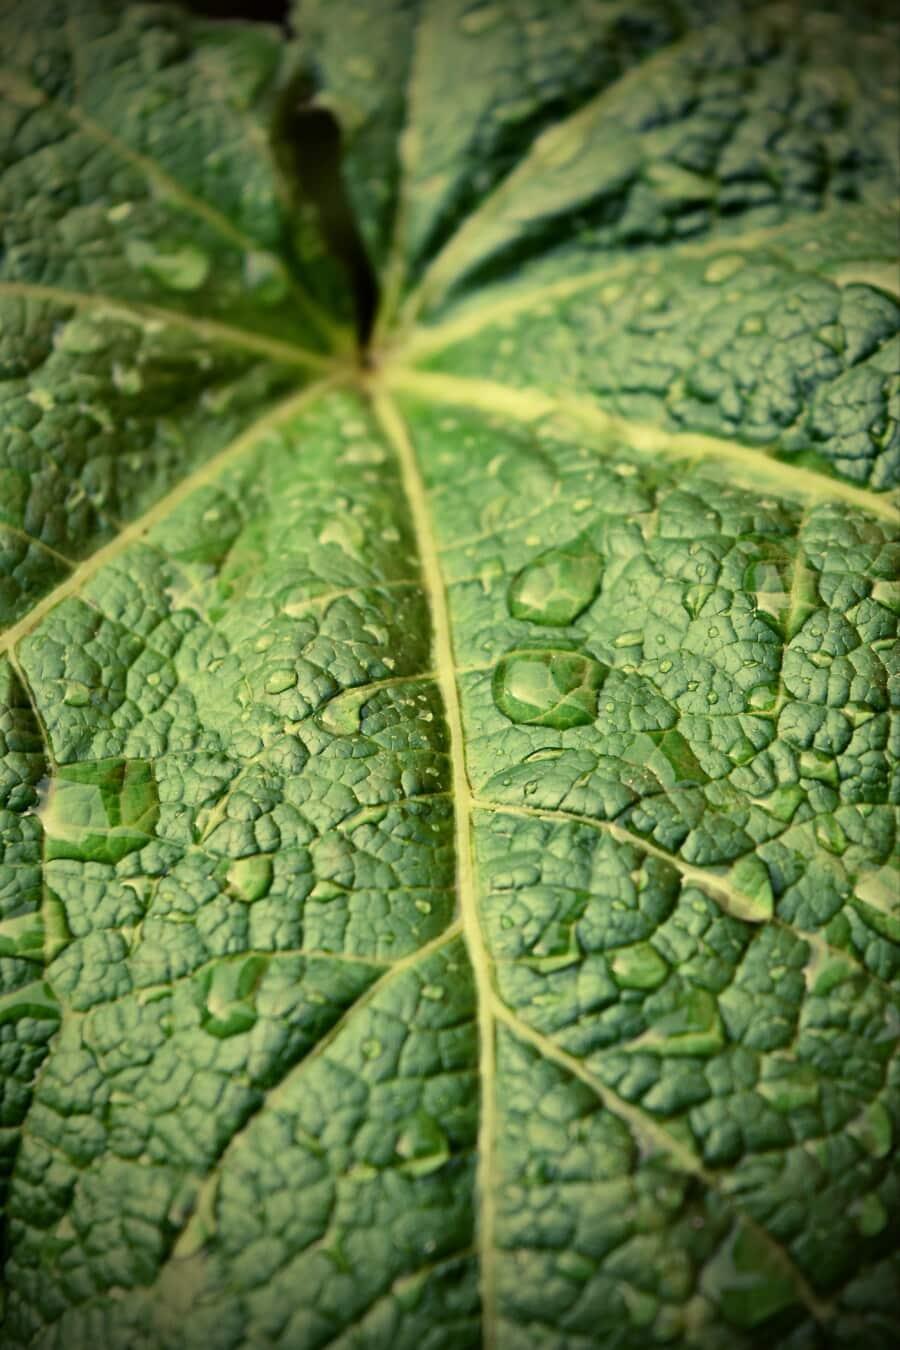 groß, grünlich gelb, grünes Blatt, Regenzeit, Wassertropfen, Tau, Feuchtigkeit, Regenwald, Blatt, Anlage